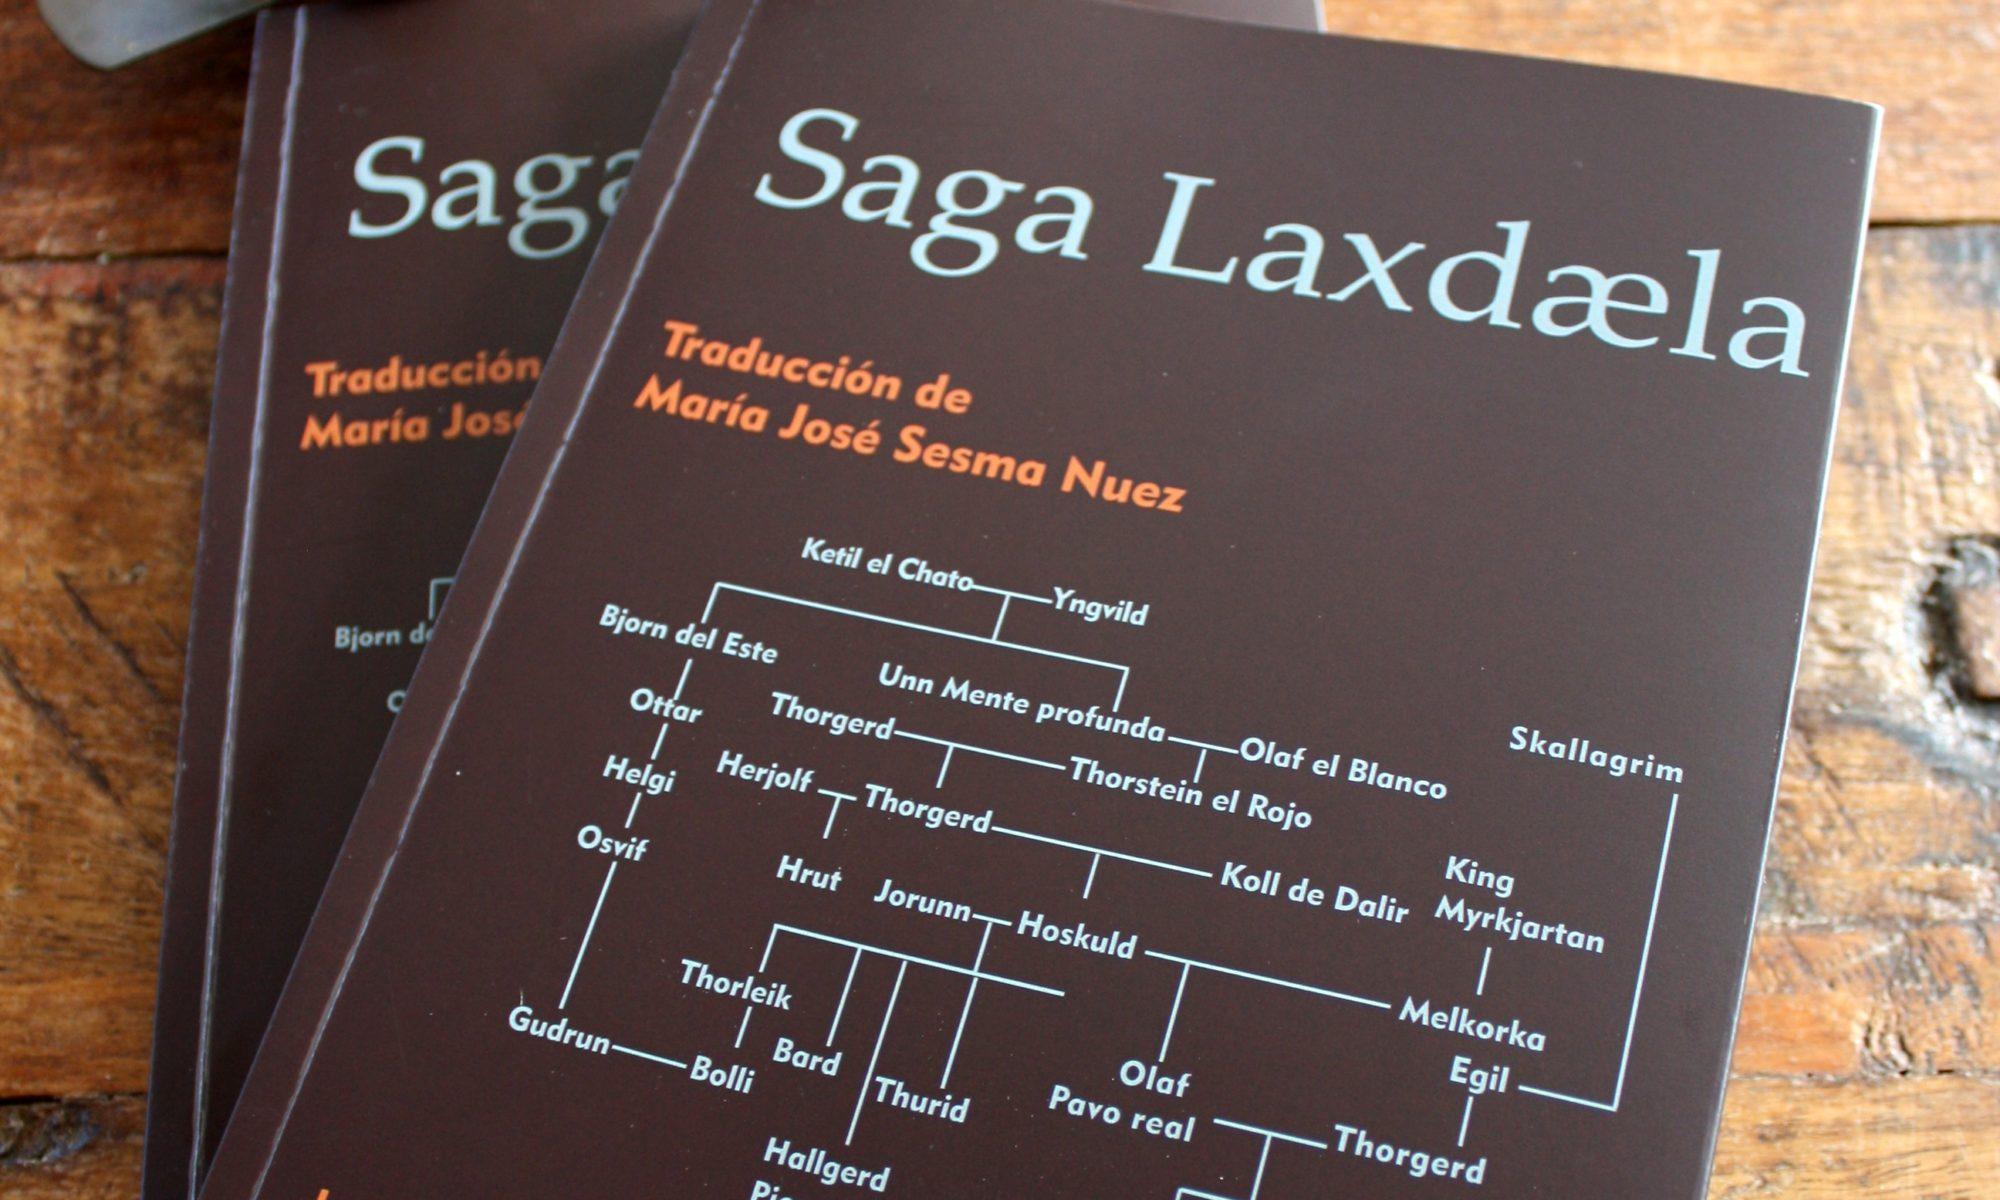 Traducción Saga Laxdaela